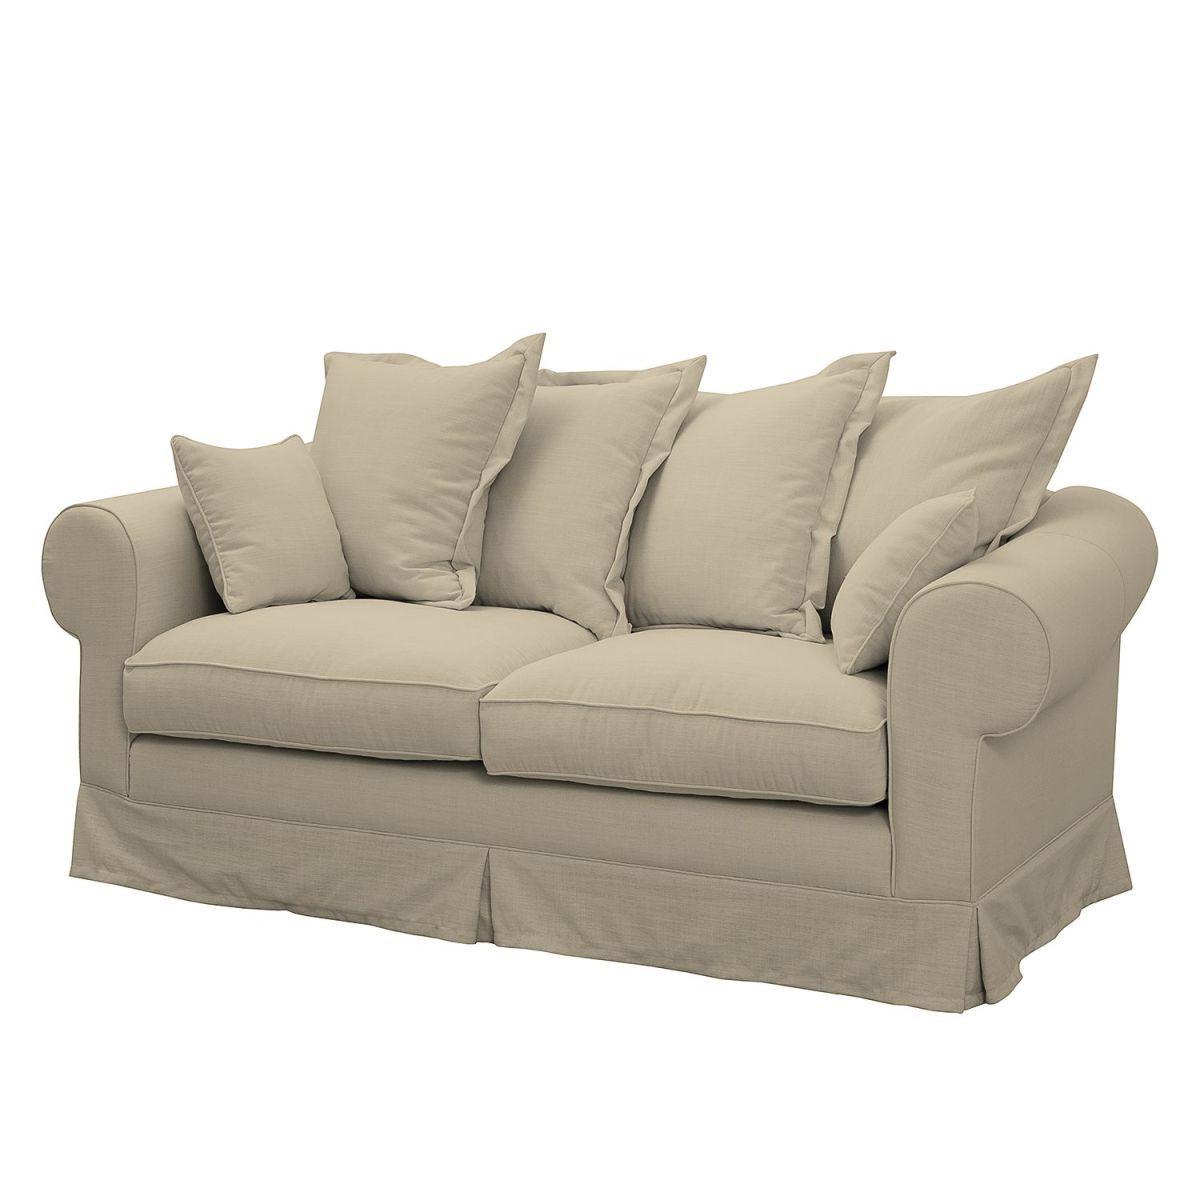 Sofa Saltum 2 5 Sitzer Webstoff Sand Jetzt Bestellen Unter Https Moebel Ladendirekt De Wohnzimmer Sofas 2 U Sofas Couch Mit Schlaffunktion 3 Sitzer Sofa